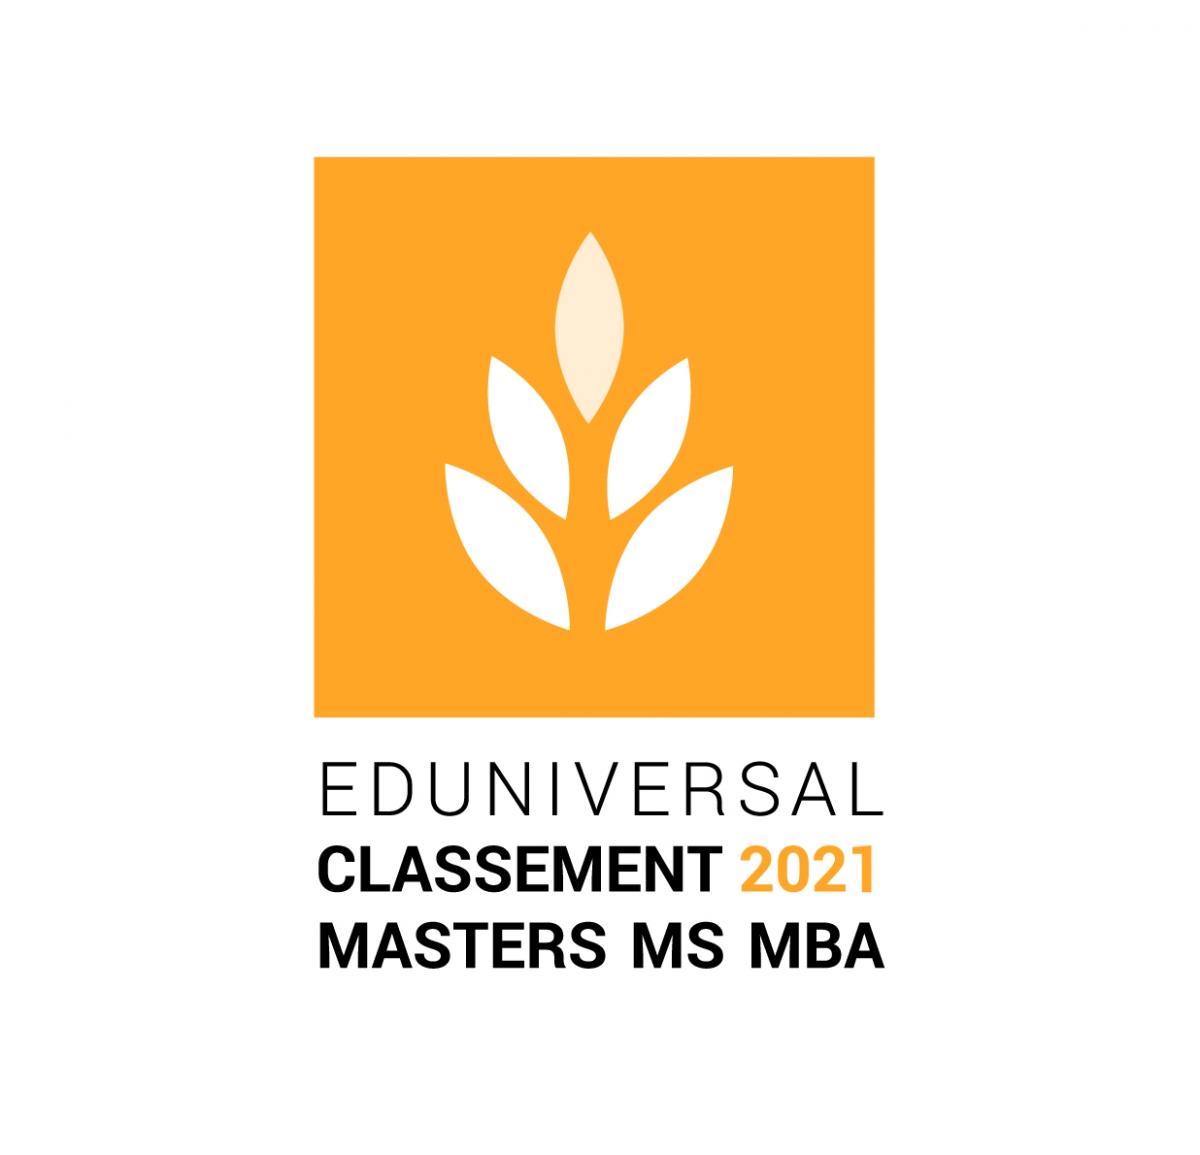 Classement Eduniversal